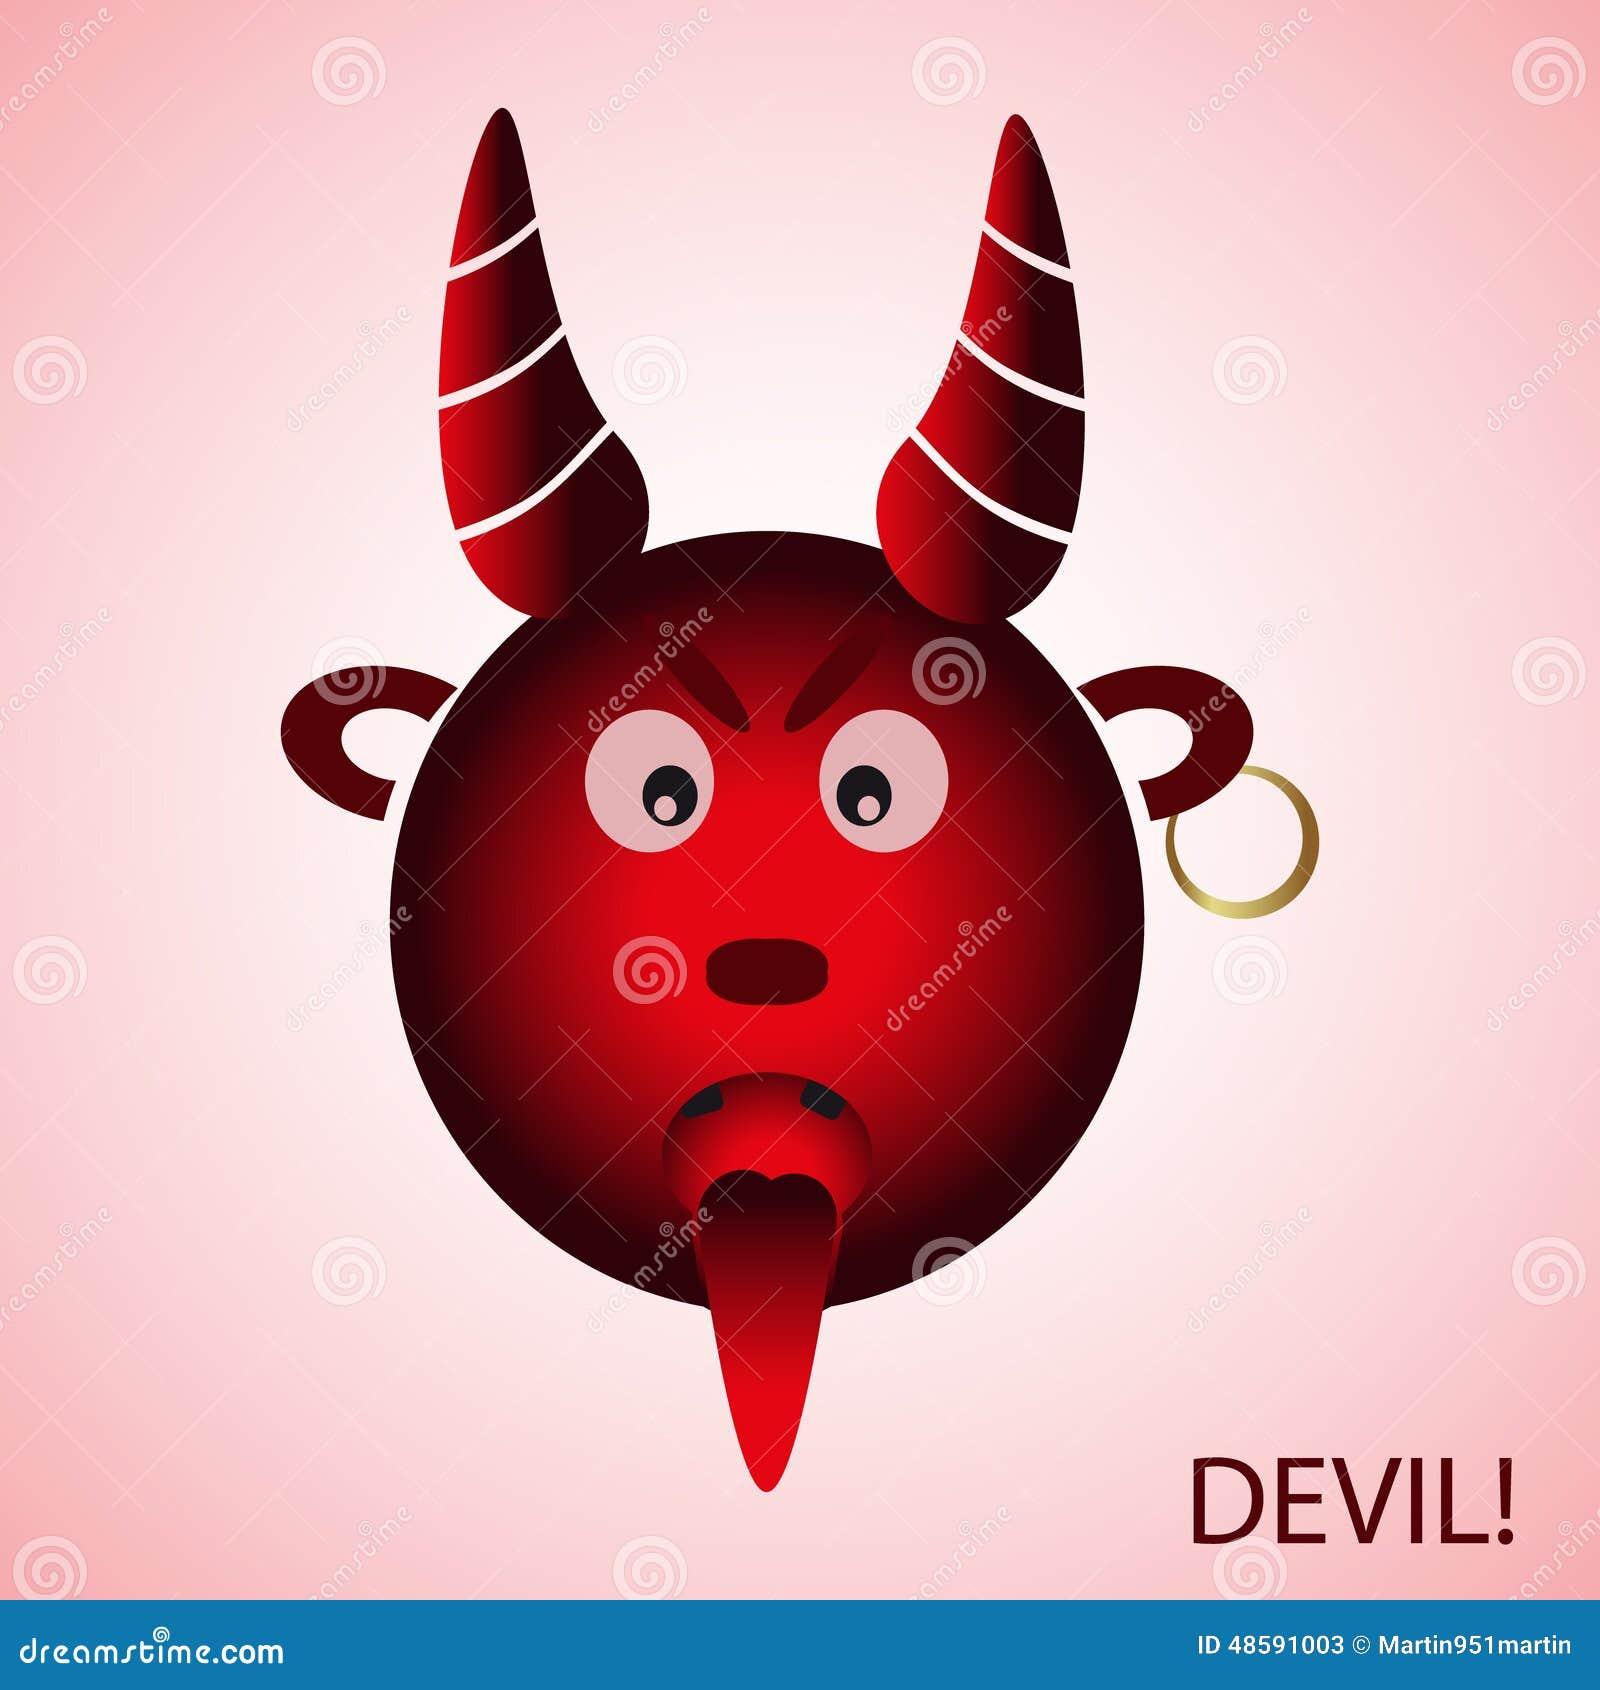 Κόκκινος κακός διάβολος κινούμενων σχεδίων από την κόλαση